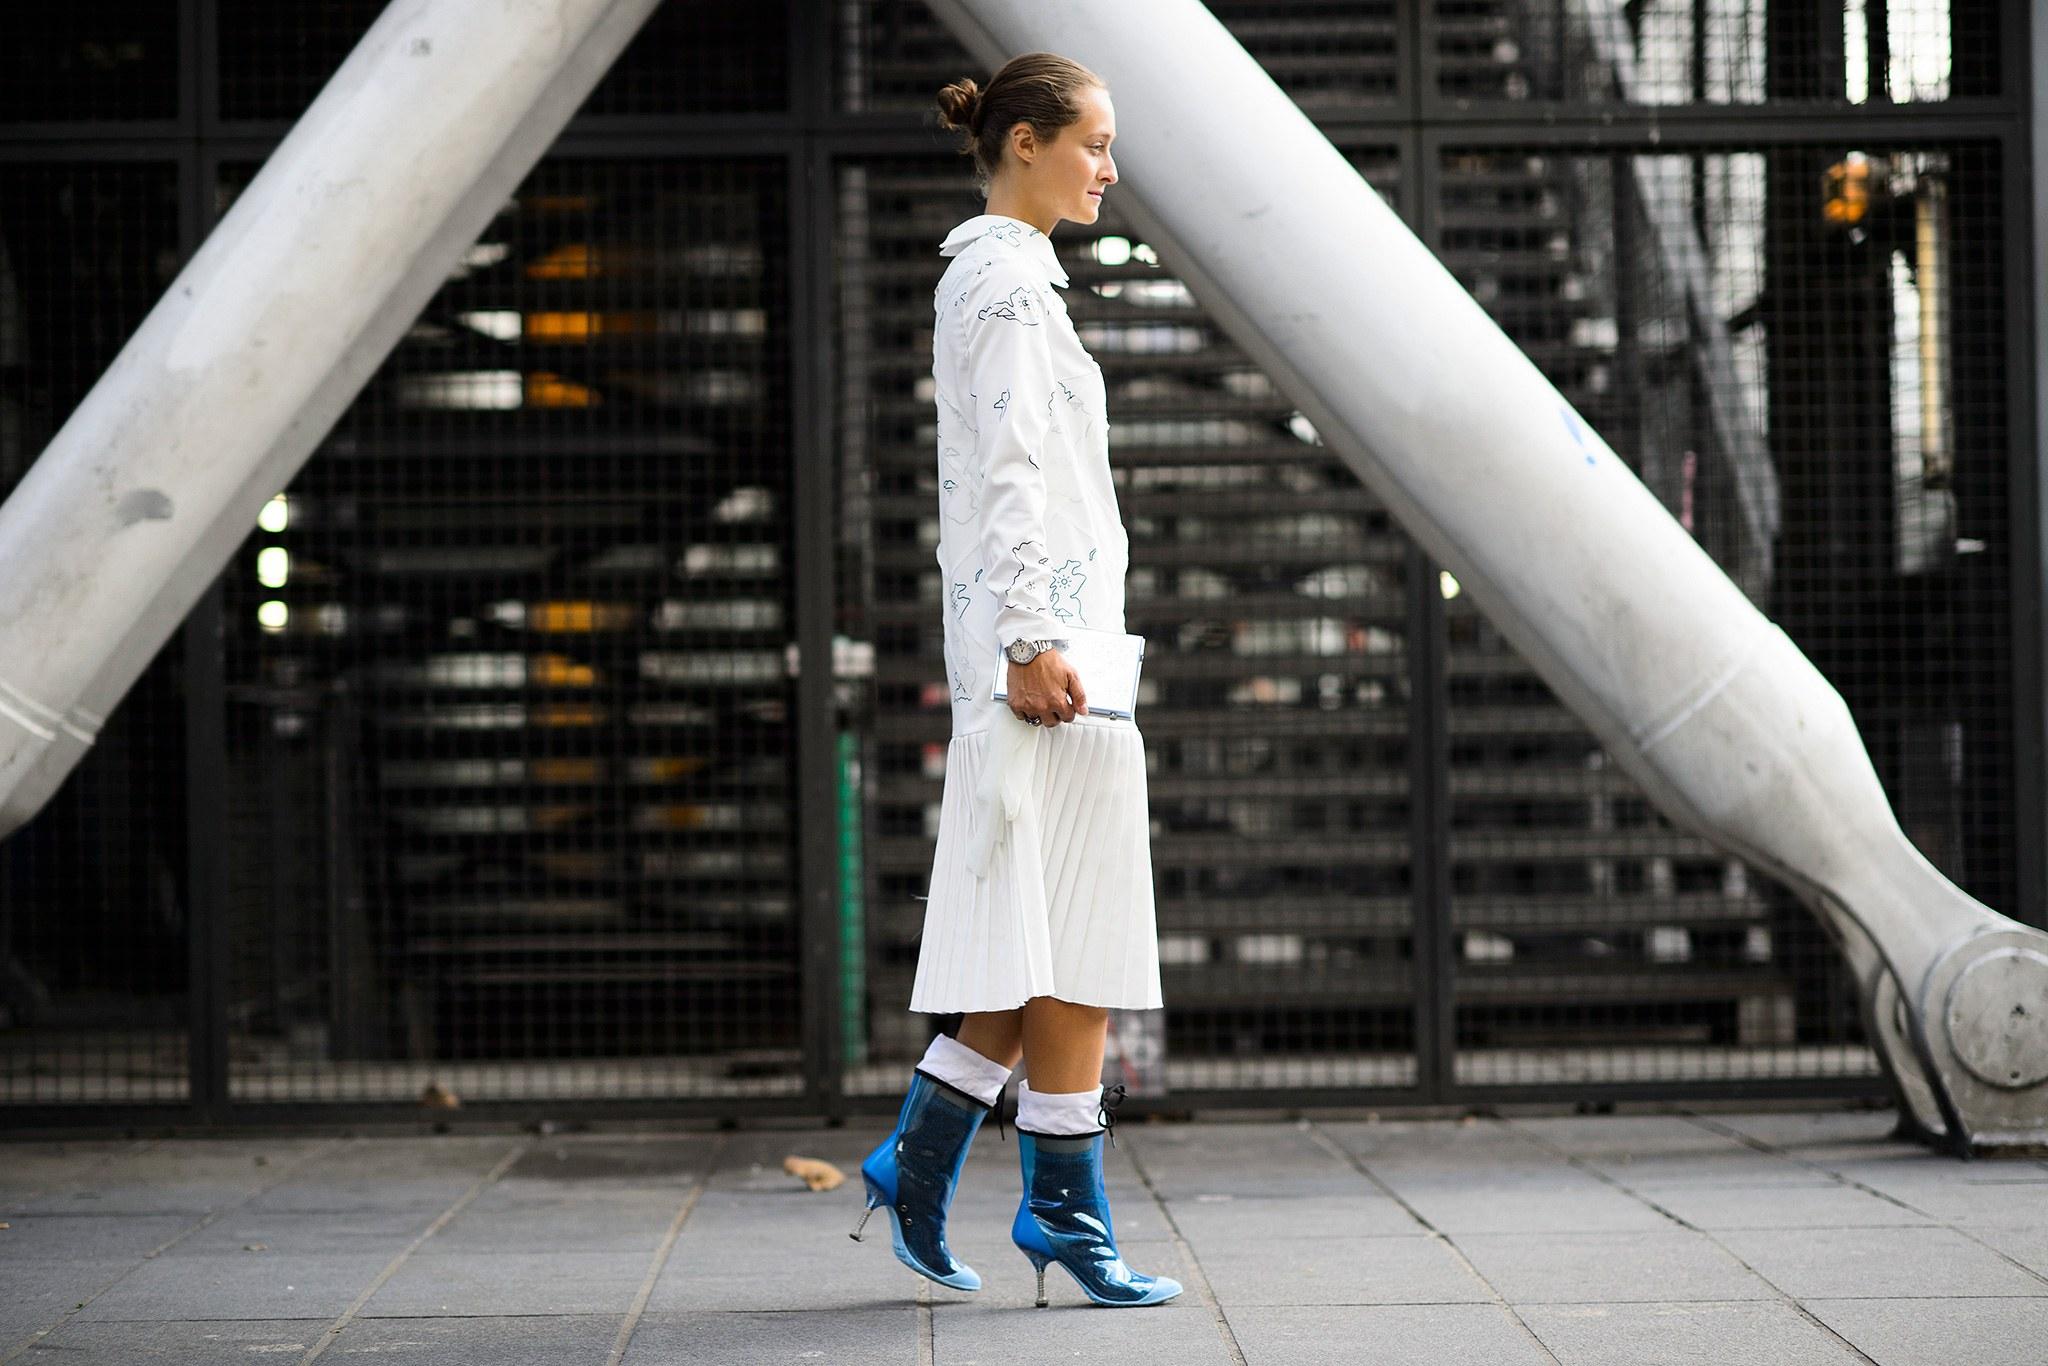 Λατρεύεις τα ψηλά τακούνια; Διάβασε τι πρέπει να κάνεις για να τα φοράς χωρίς να υποφέρεις